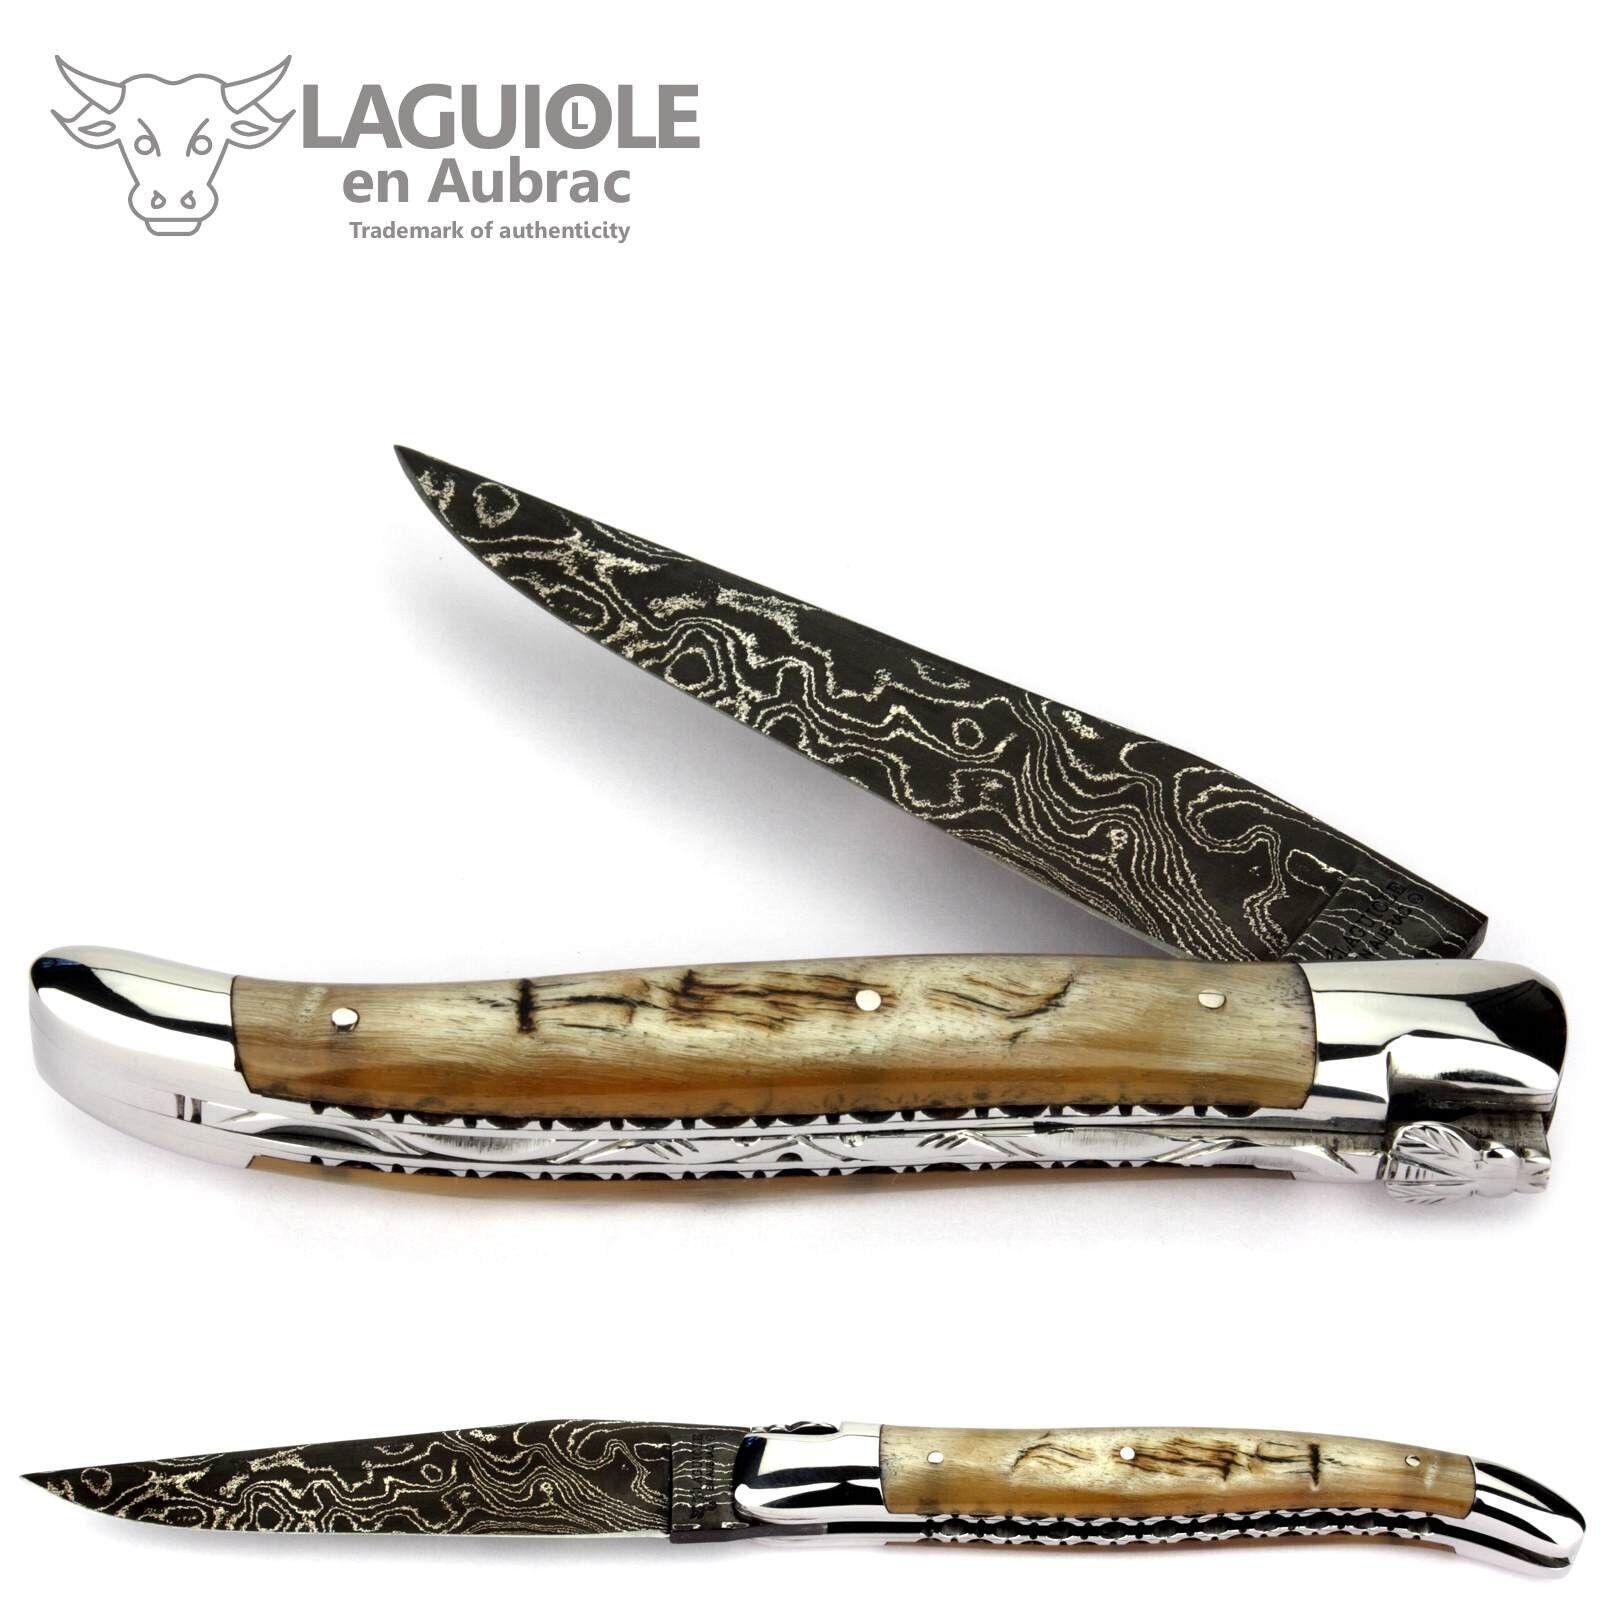 Laguiole en Aubrac Taschenmesser 12 cm Widderhorn Damast Messer Doppelplatine